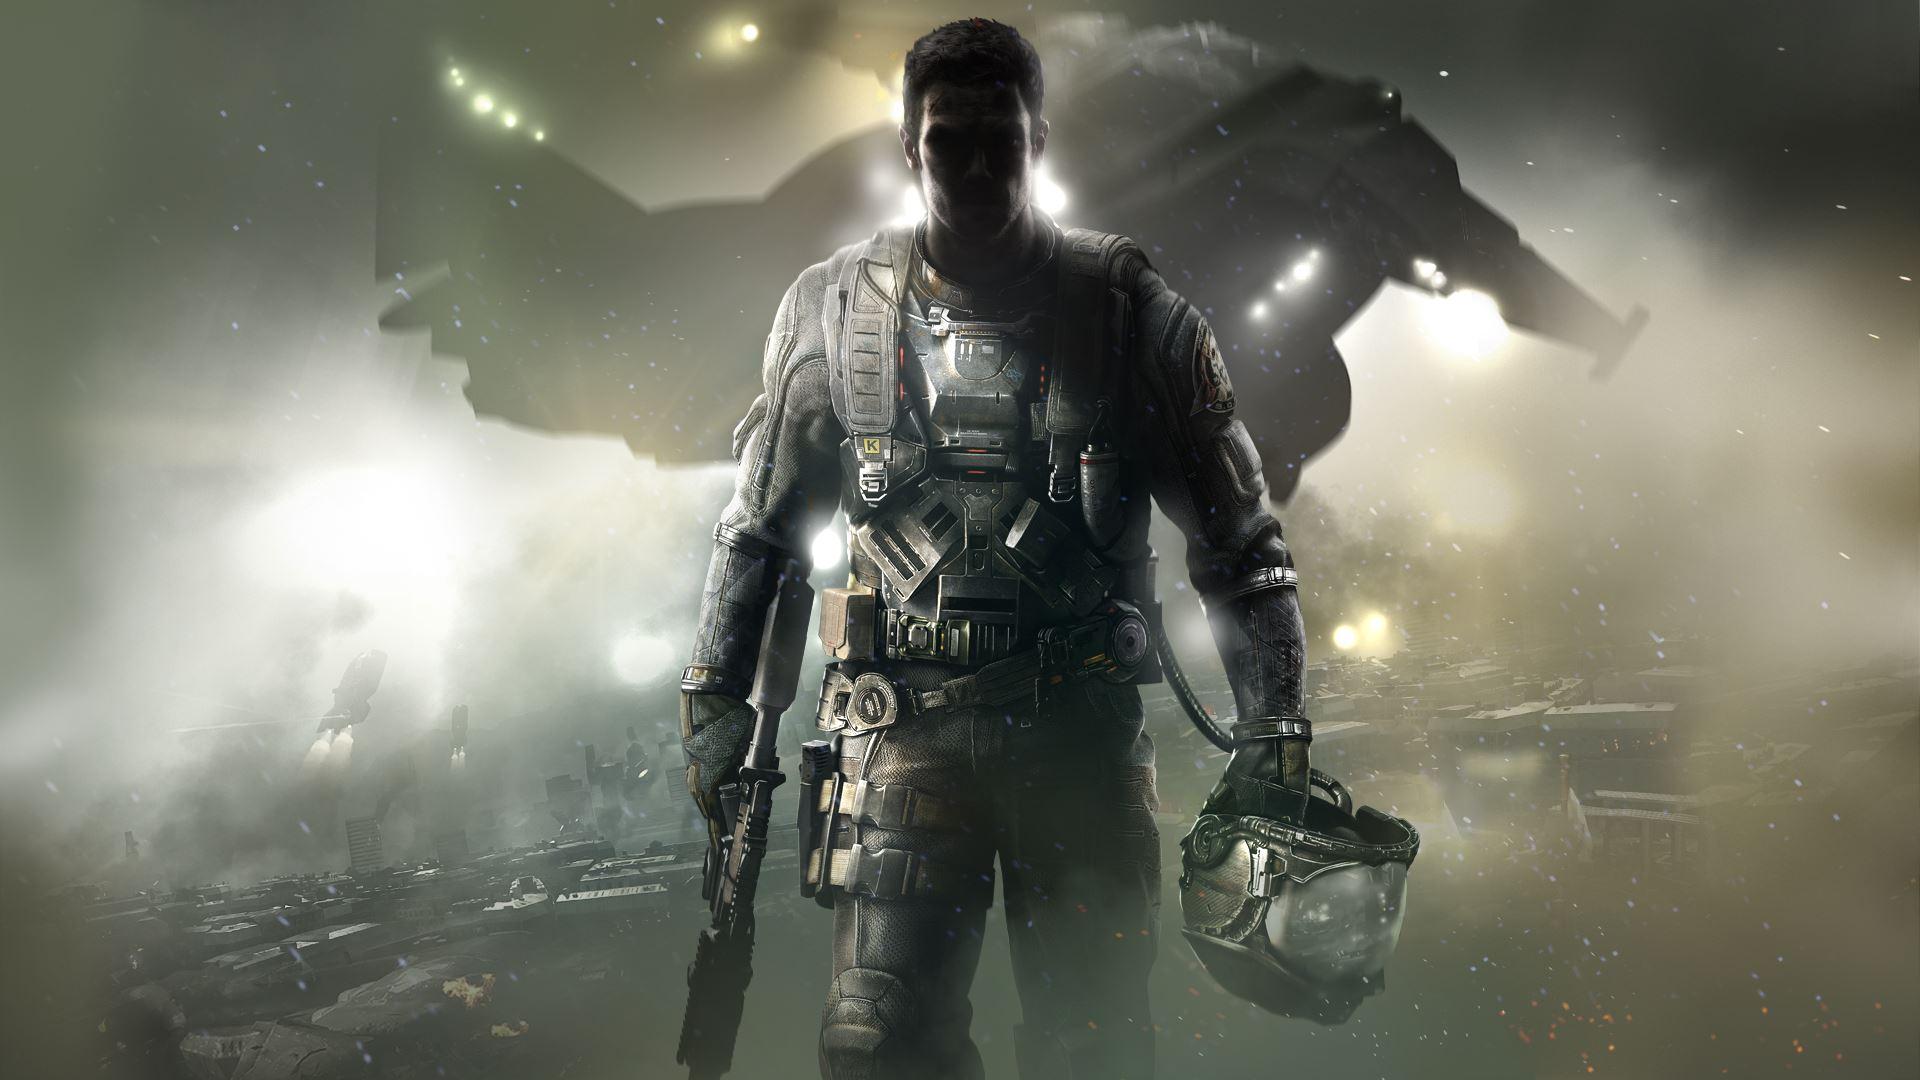 Огляд CoD: Infinite Warfare, що тішить і від чого «бомбить»